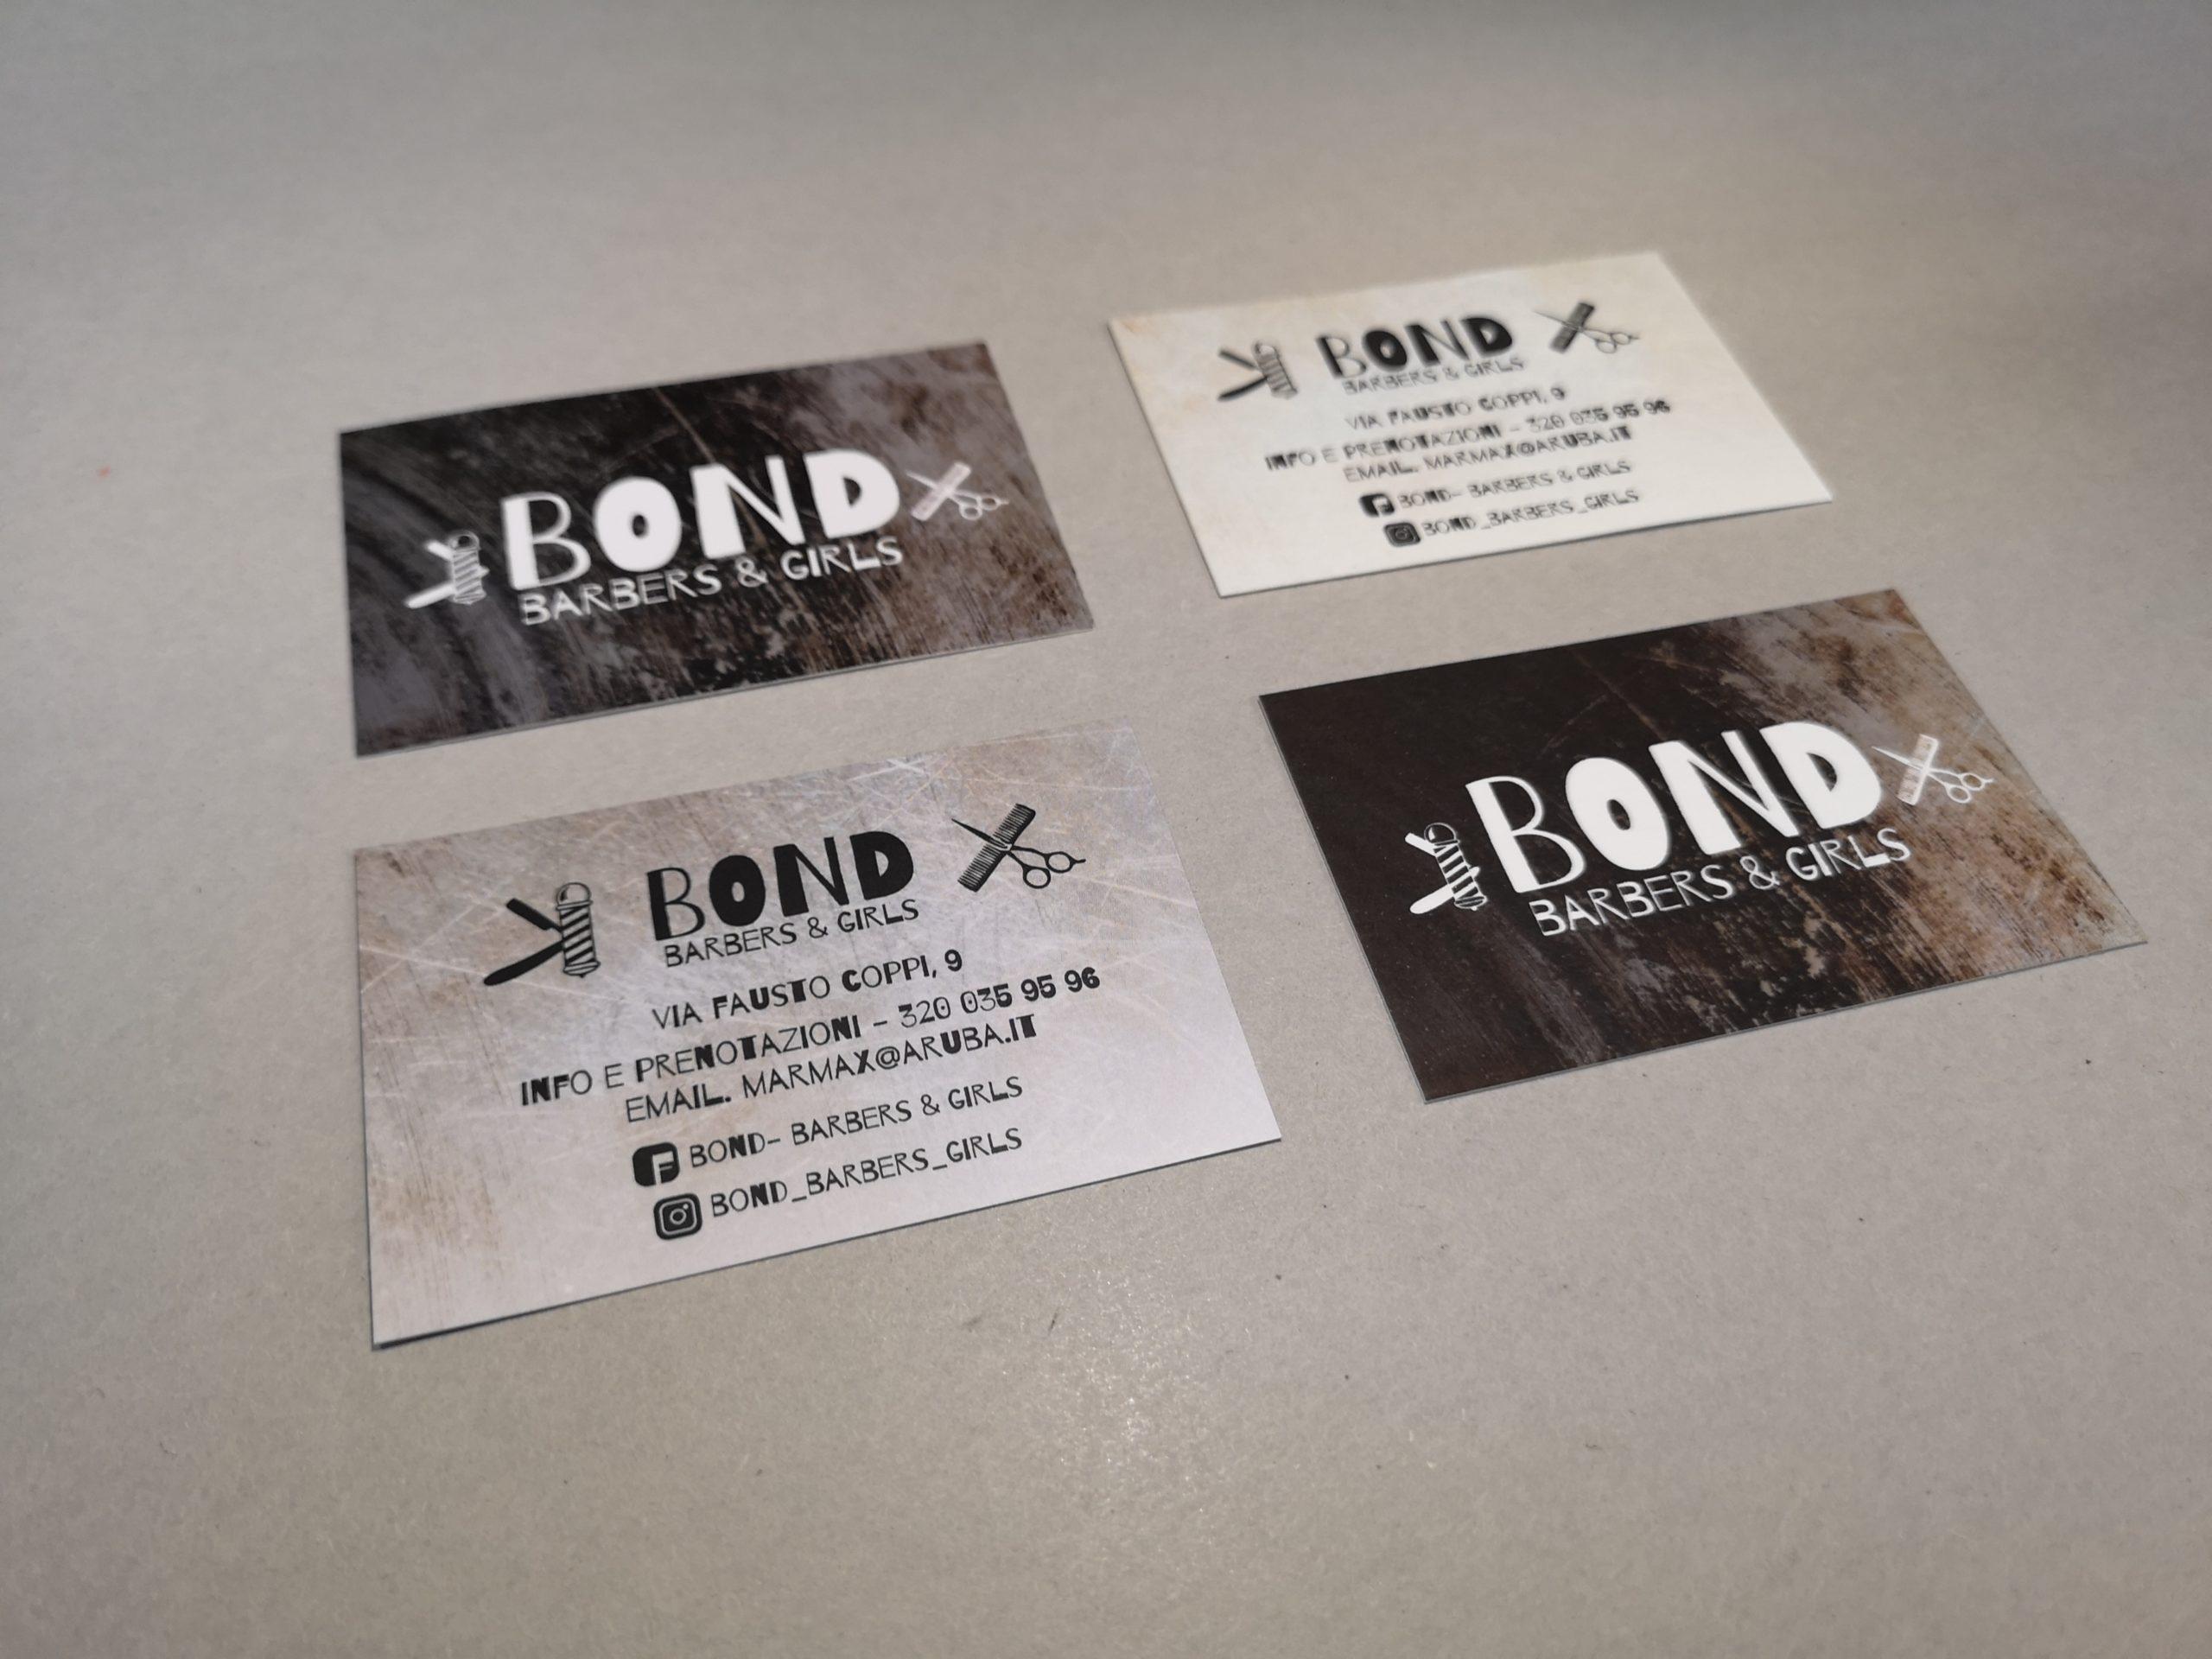 MASTROINCHIOSTRO_tipografia_studio_grafico_bond_barber_coiffeur_39